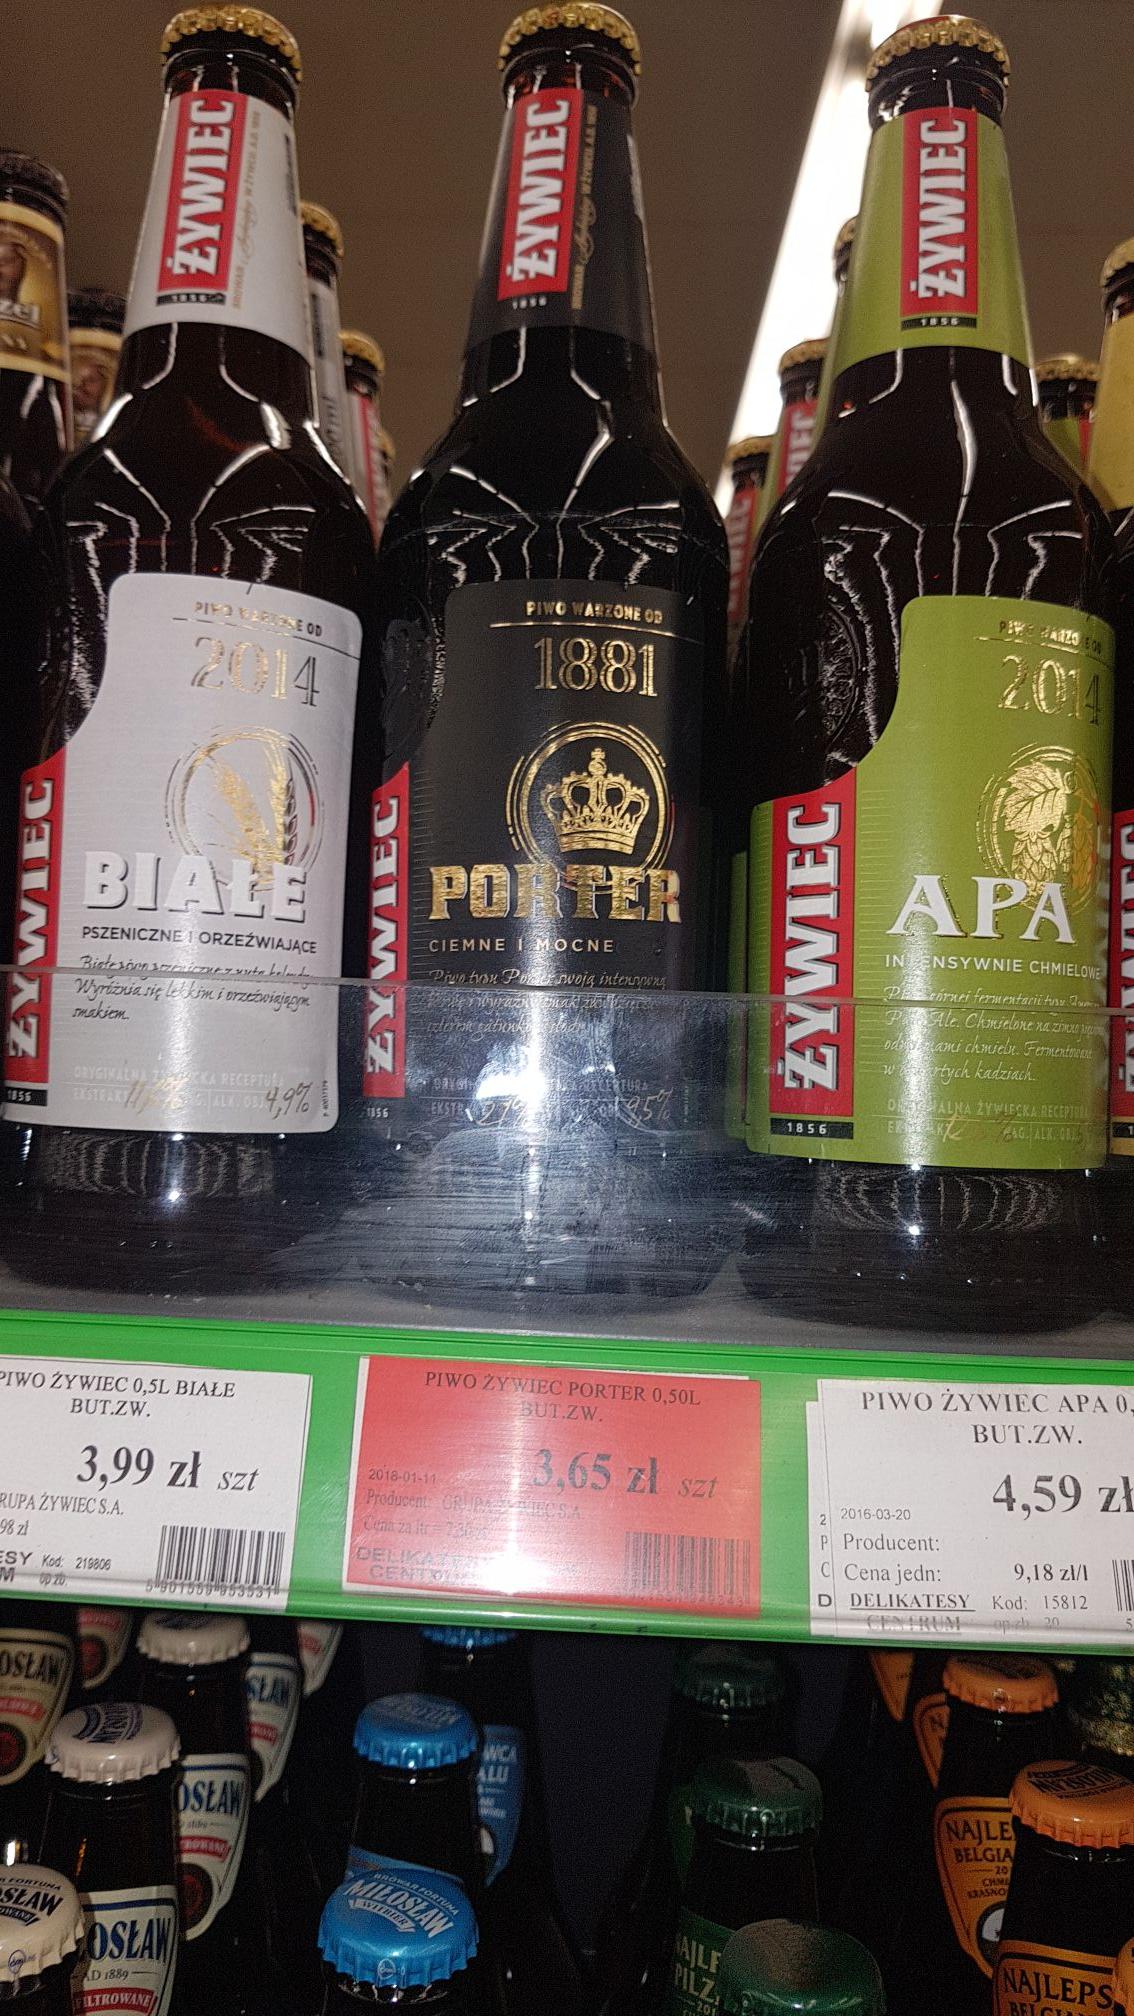 Piwo Żywiec Porter dla lubiących dobre mocne piwo w delikatesy centrum